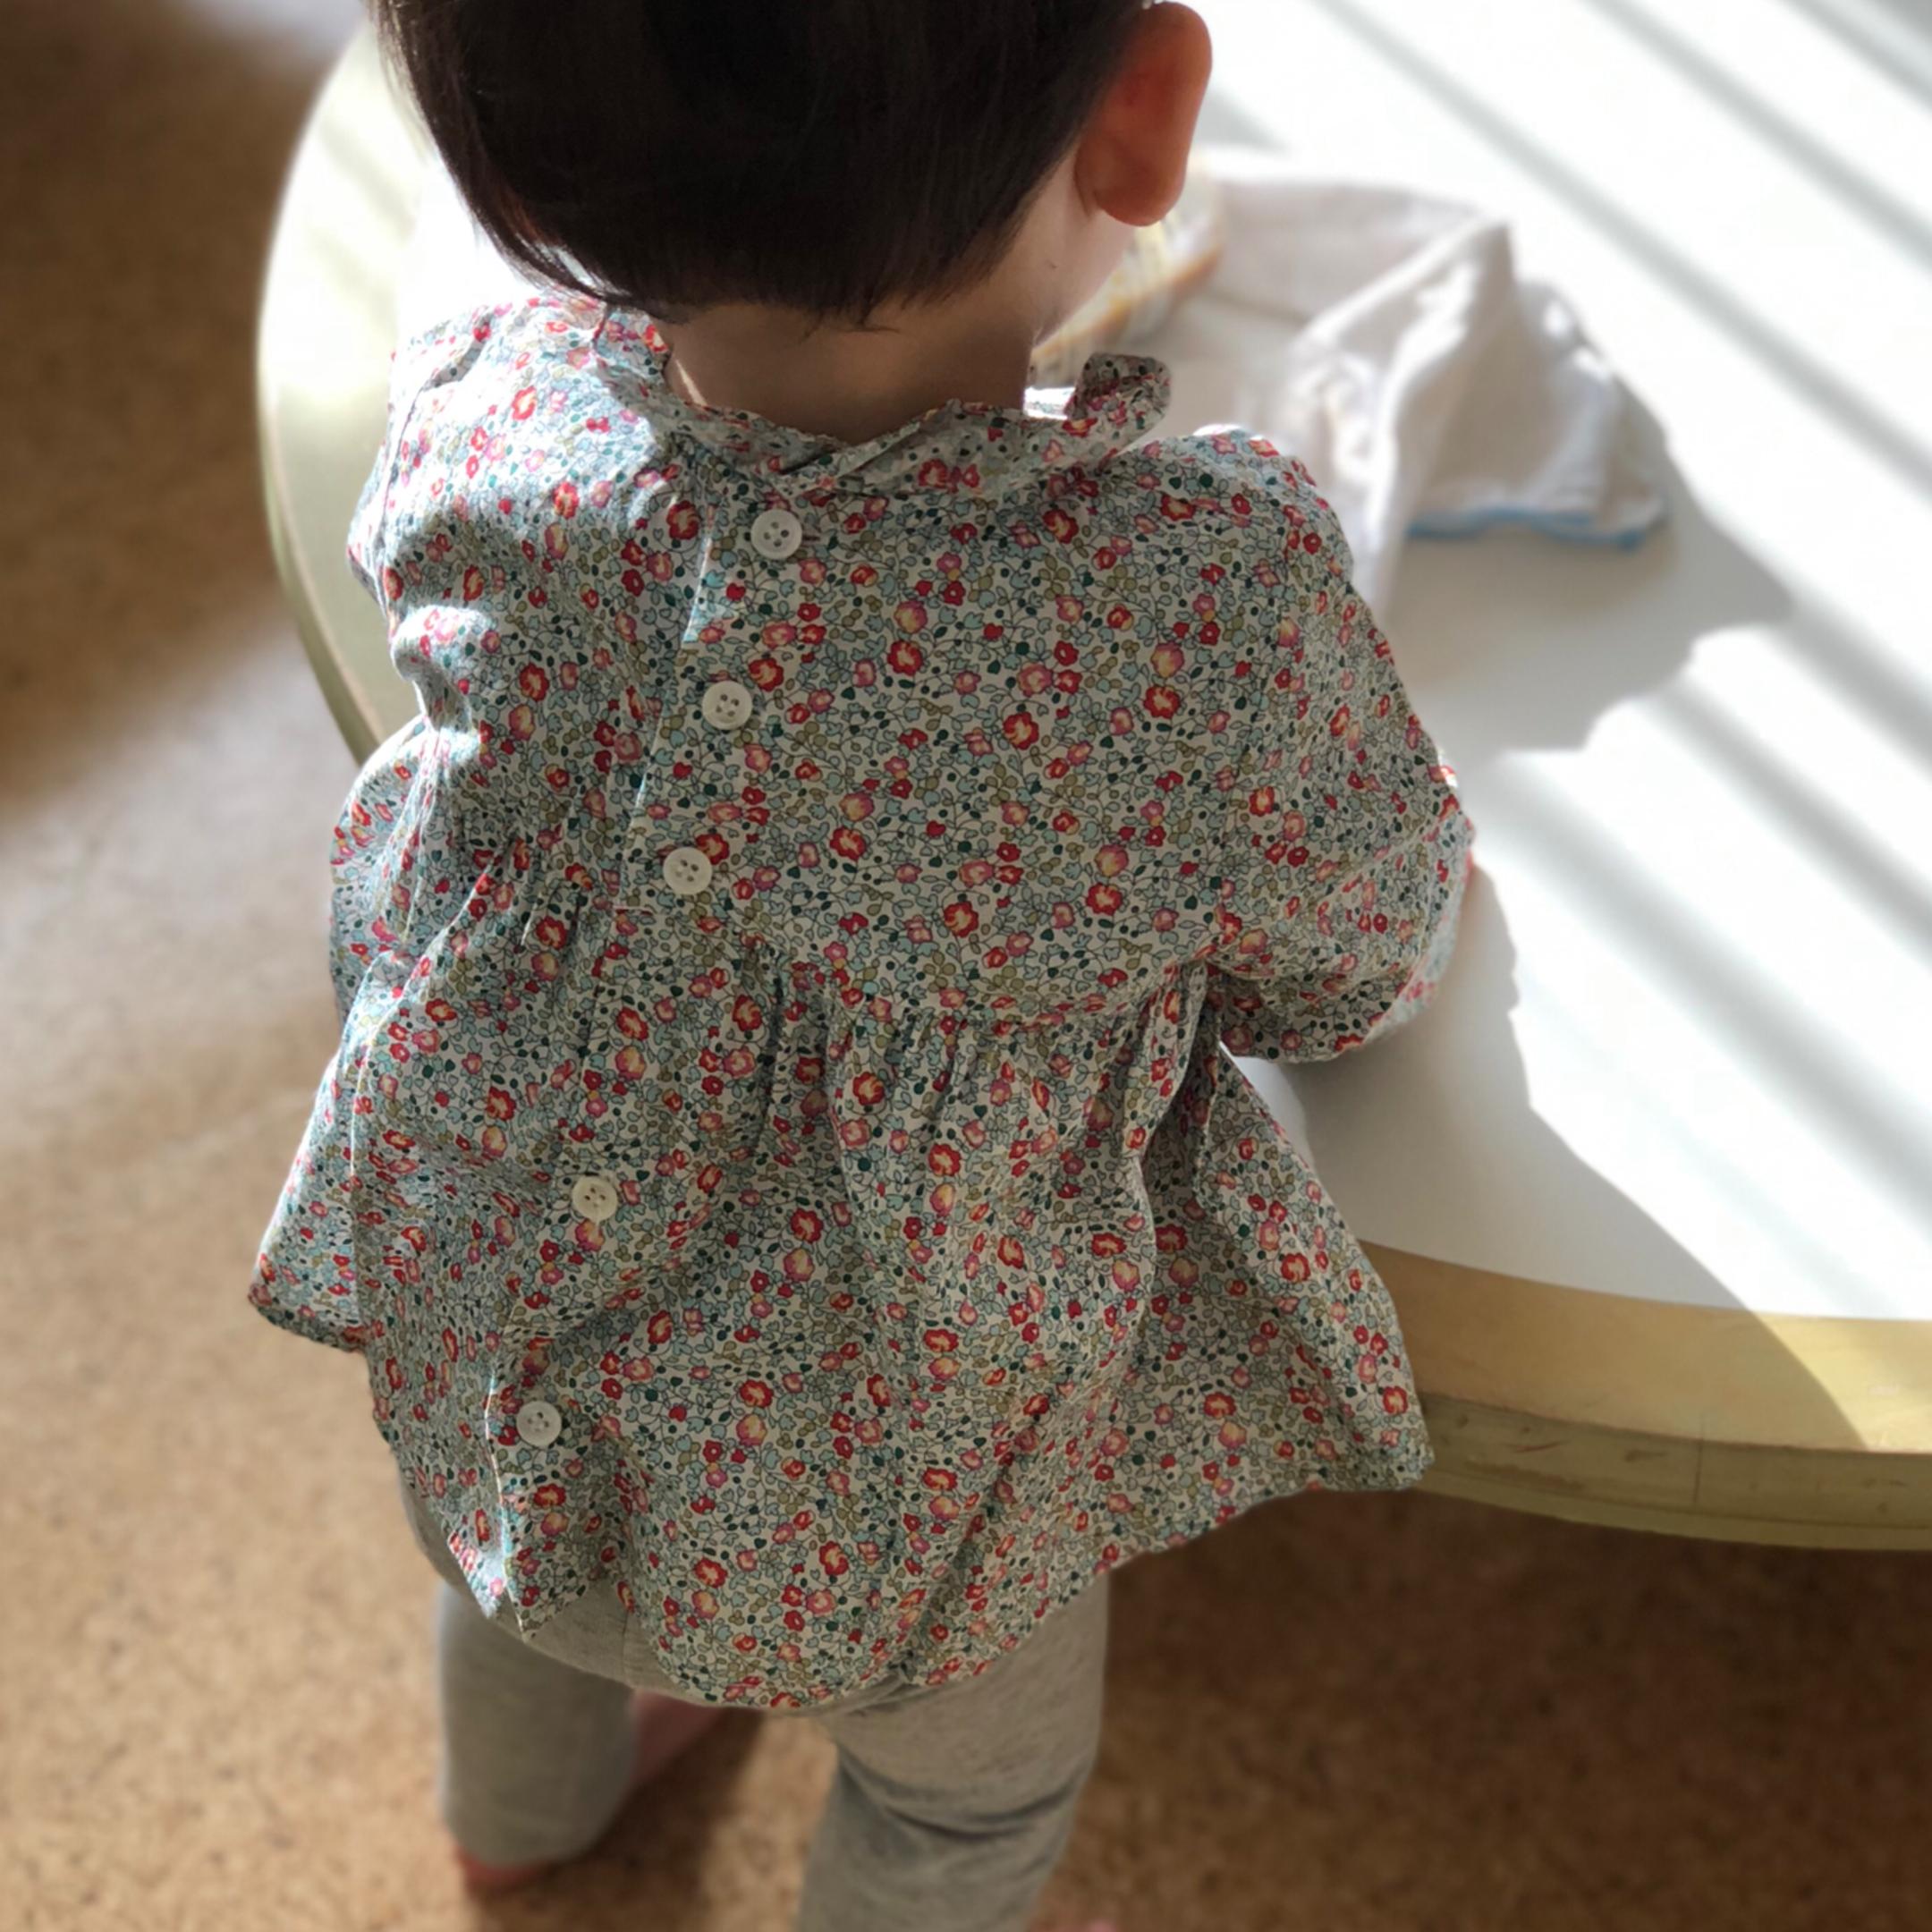 【1歳半女の子】見てるだけで楽しい可愛い子供服からデイリーにおすすめの子供服を紹介